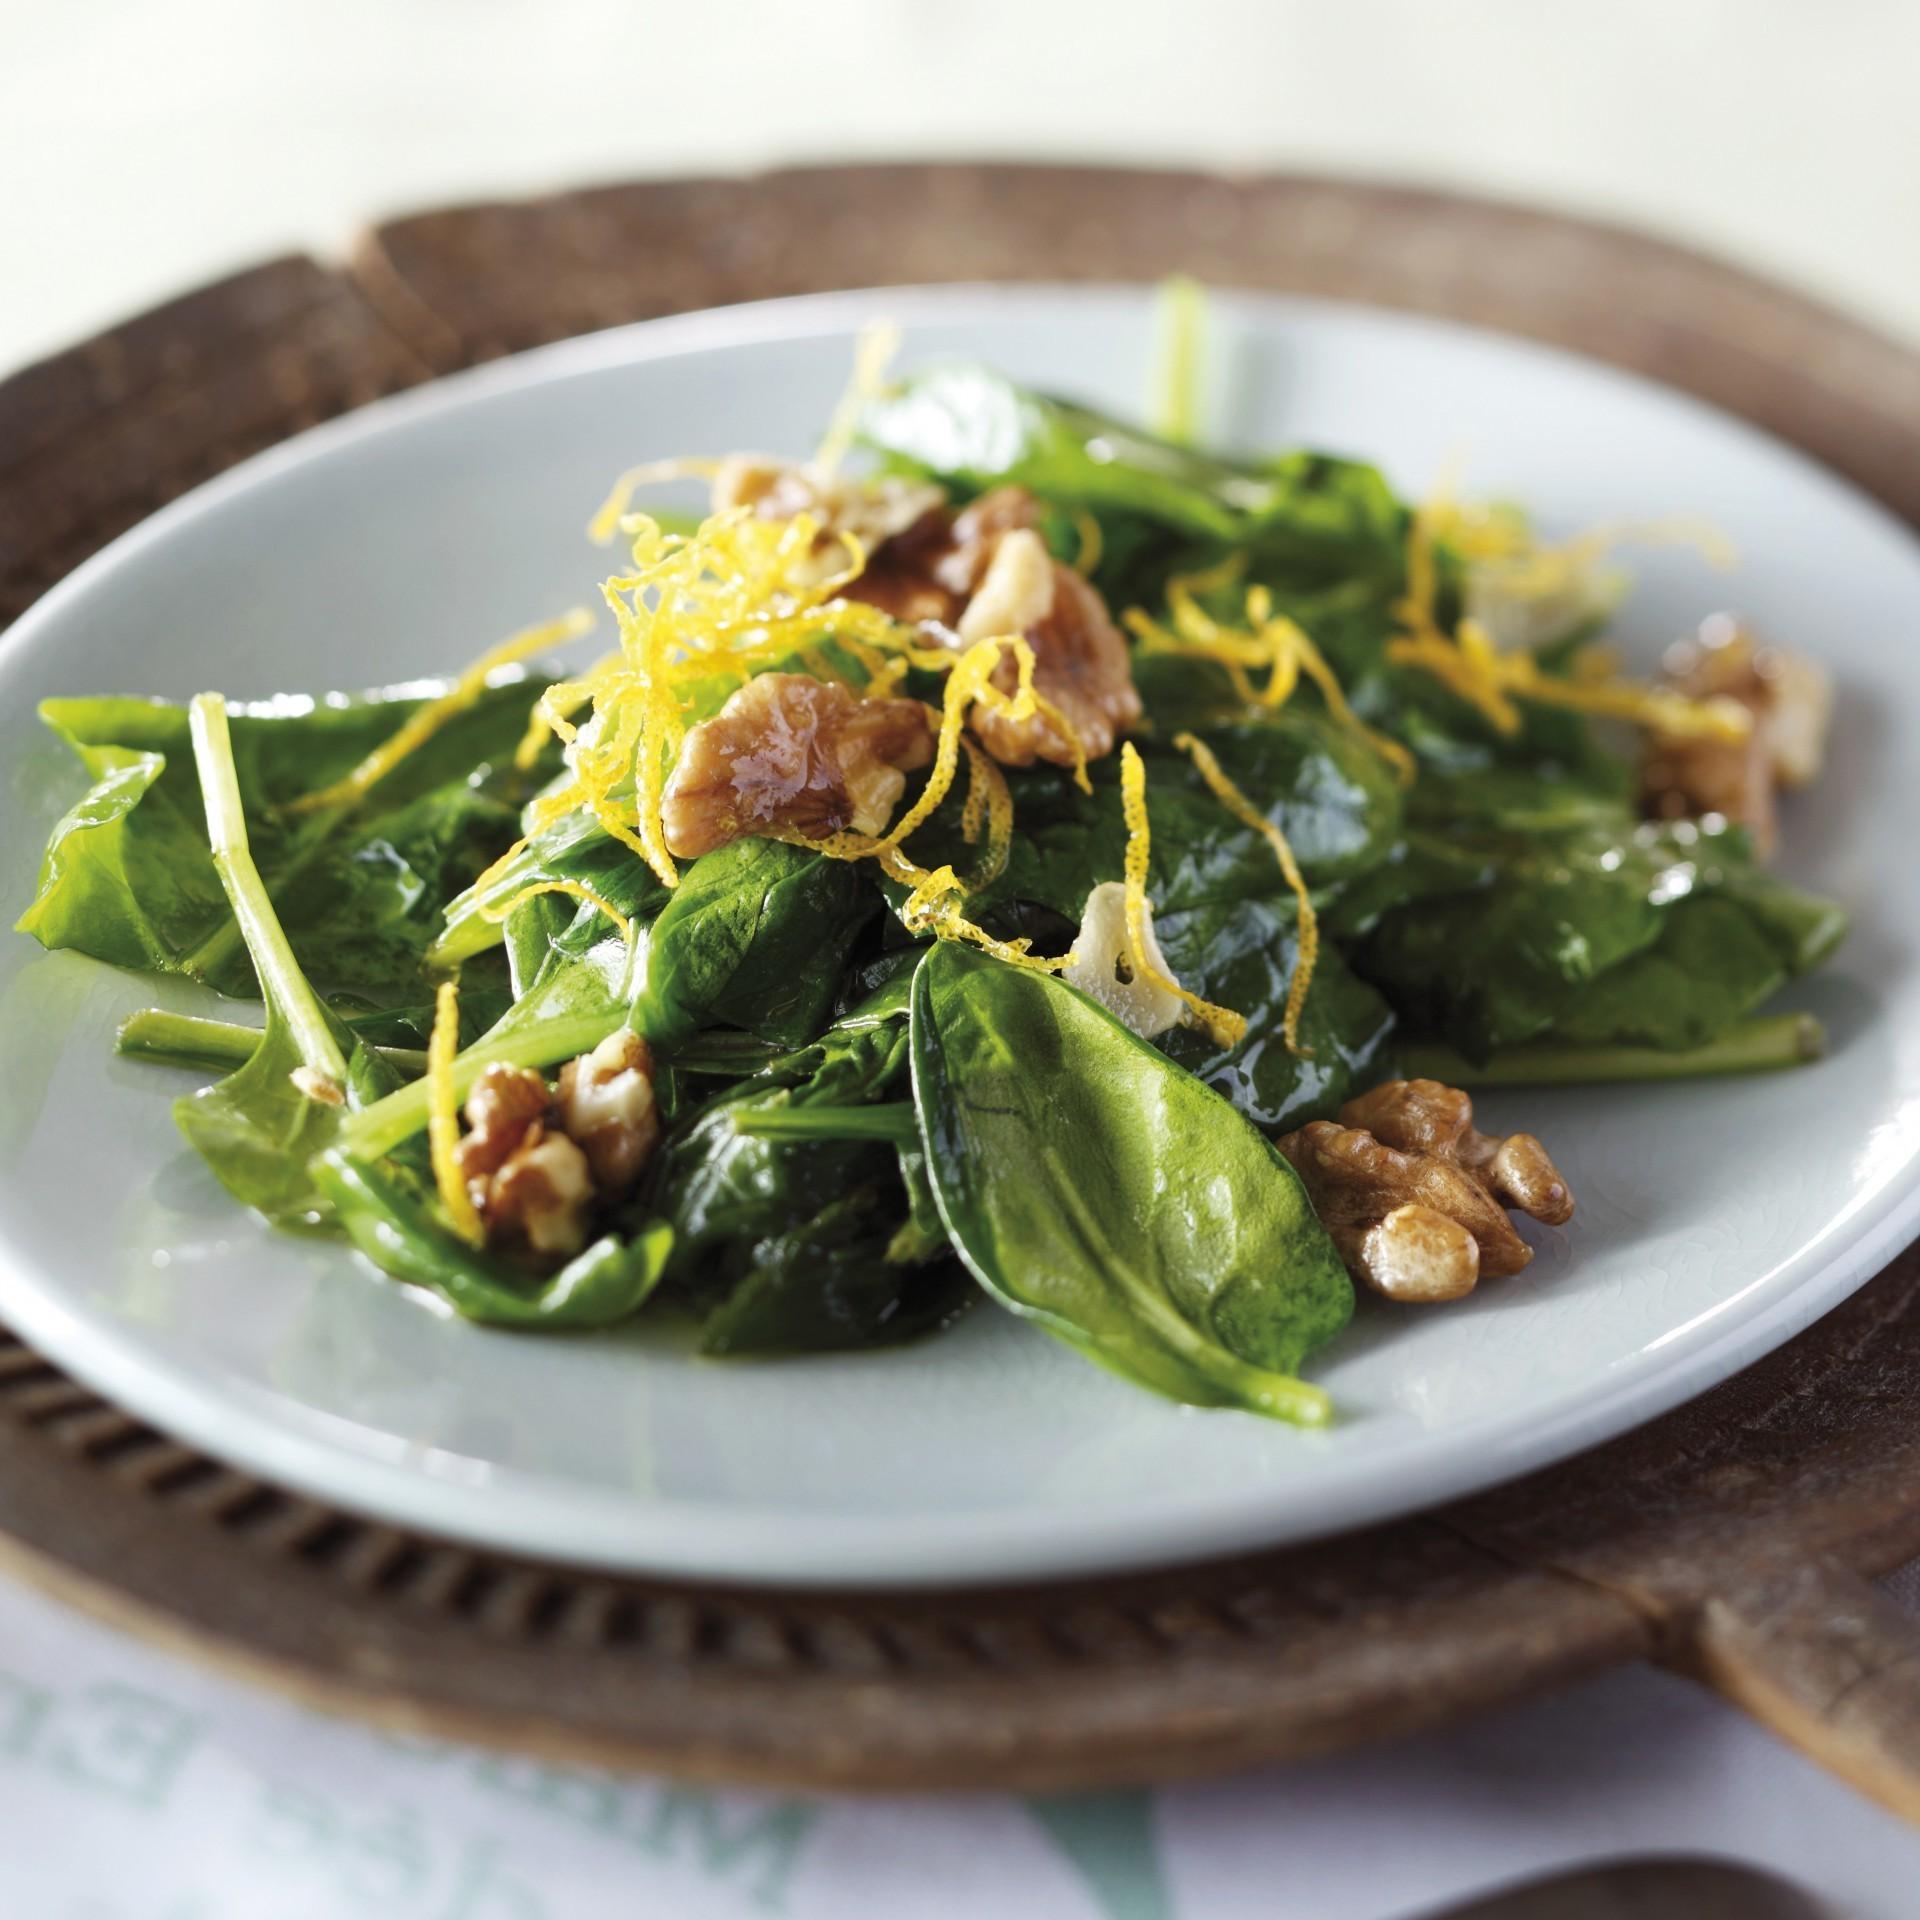 Stir-fried spinach with walnuts